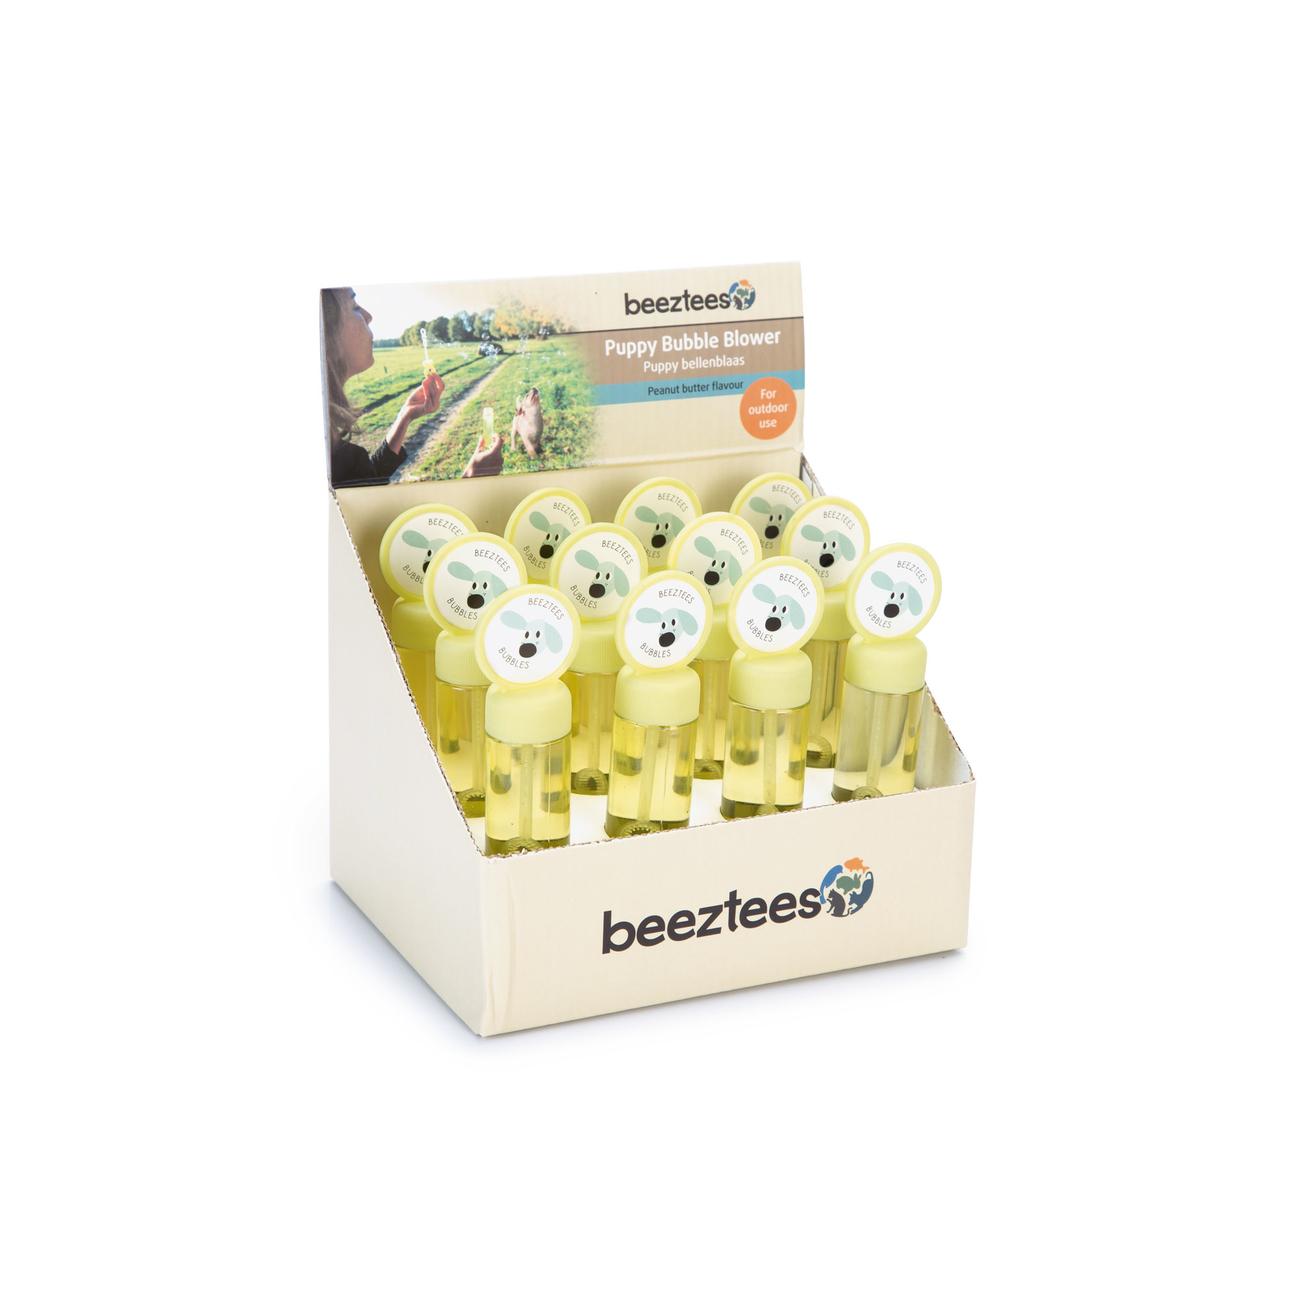 Beeztees Puppy Seifenblasen Welpenspielzeug, Bild 2